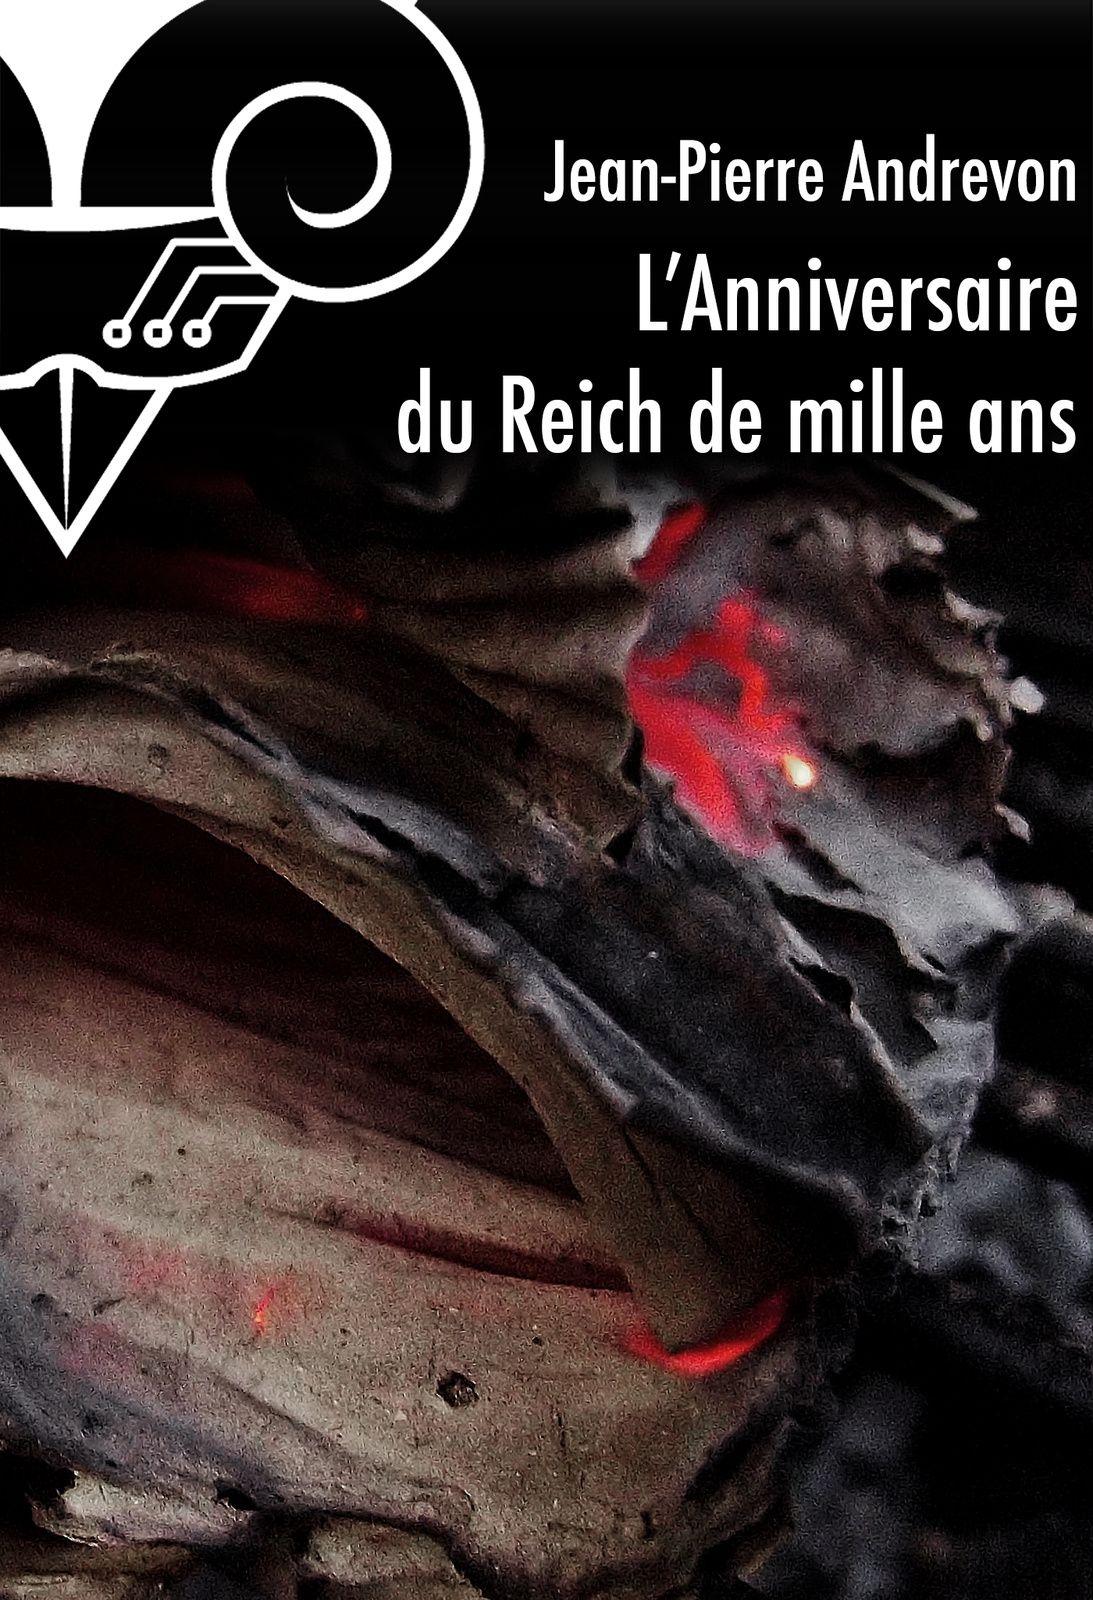 L'Anniversaire du Reich de mille ans - Jean-Pierre ANDREVON (1984), illustration de Thomas PICS, Le Bélial', 2015, 35 pages